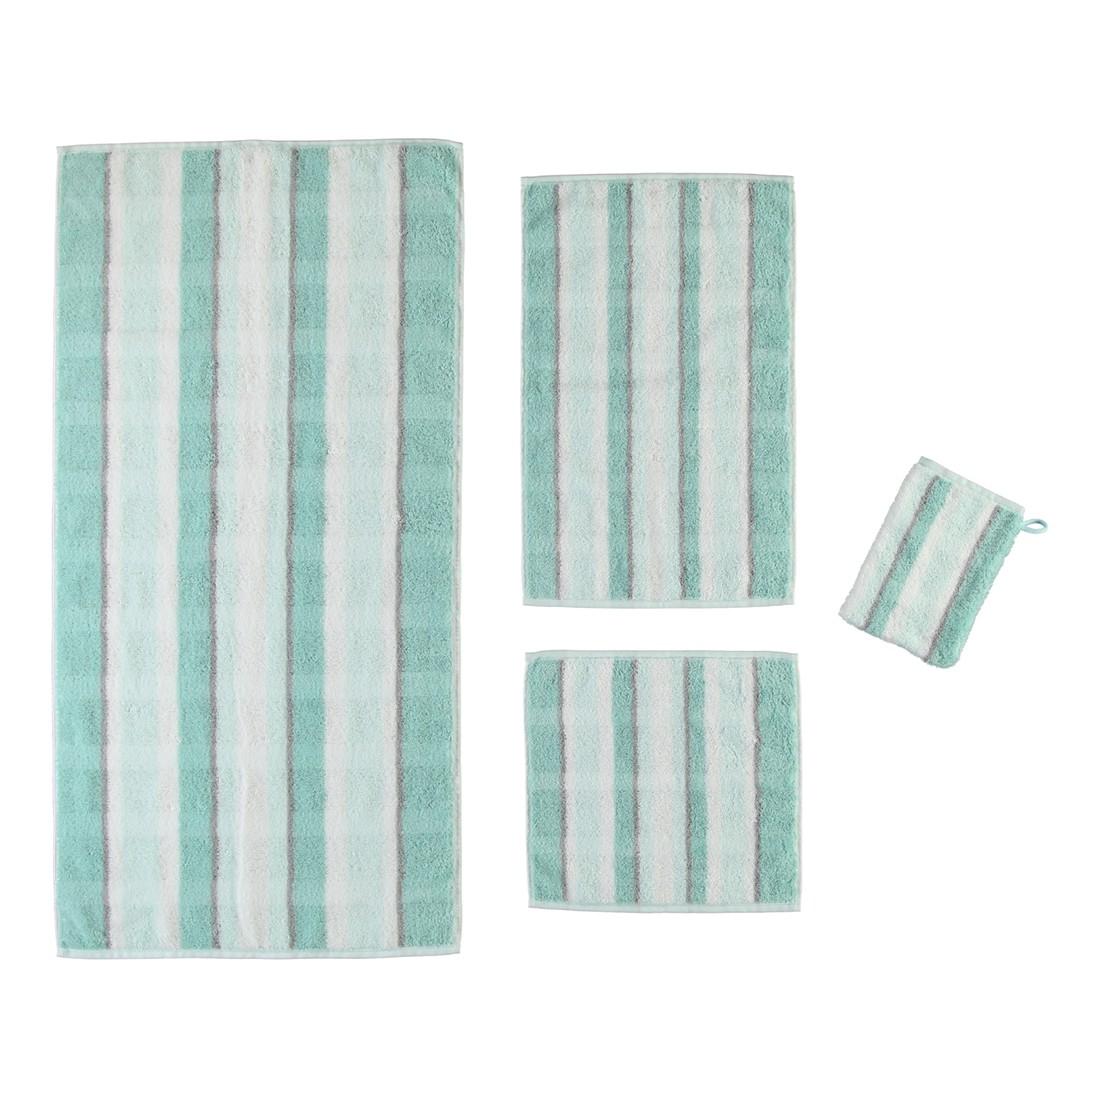 Handtuch Noblesse Perlmutt – 100% Baumwolle eisGrün – 44 – Handtuch: 50 x 100 cm, Cawö online bestellen